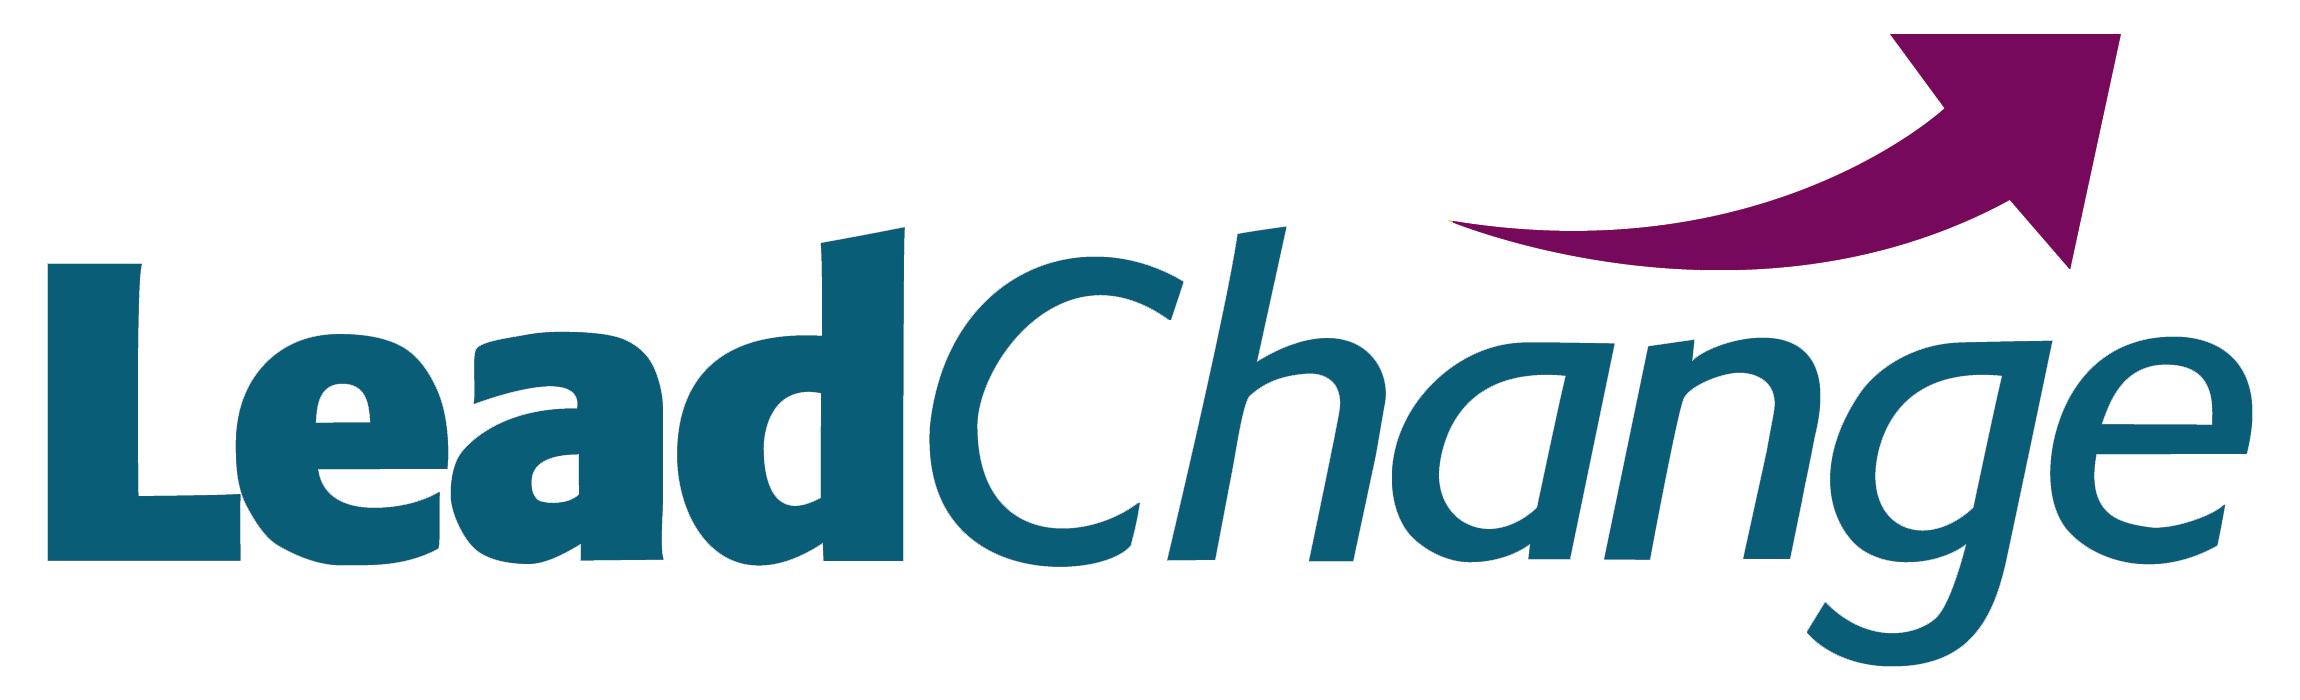 LeadChange